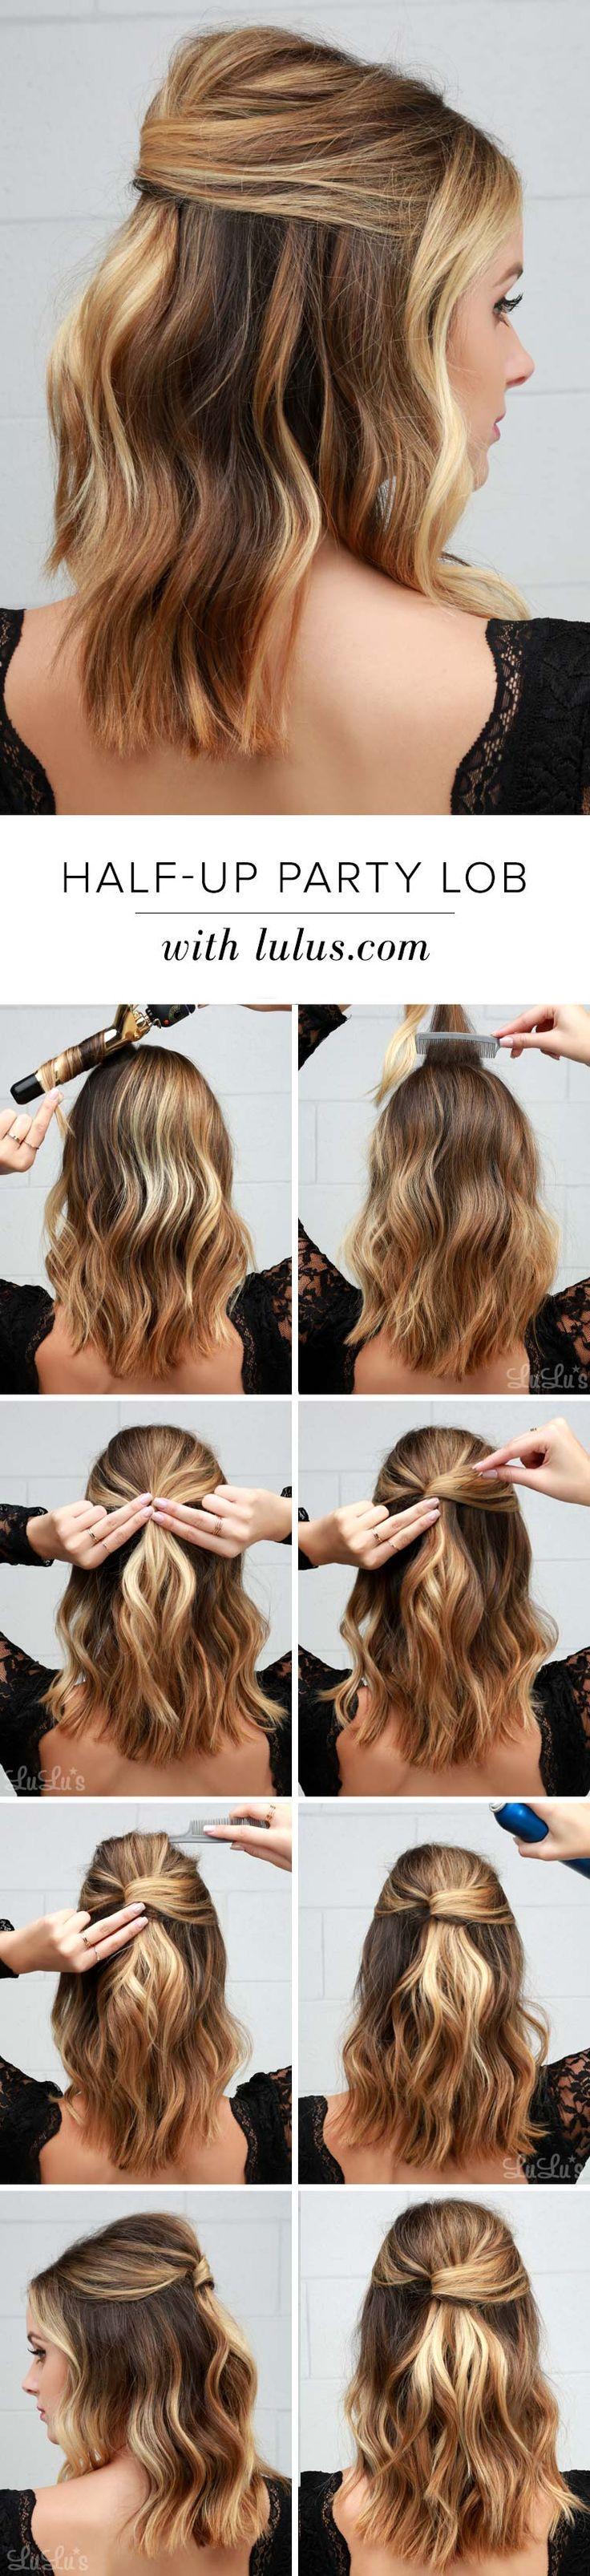 8 besten Everyday hairstyles Bilder auf Pinterest